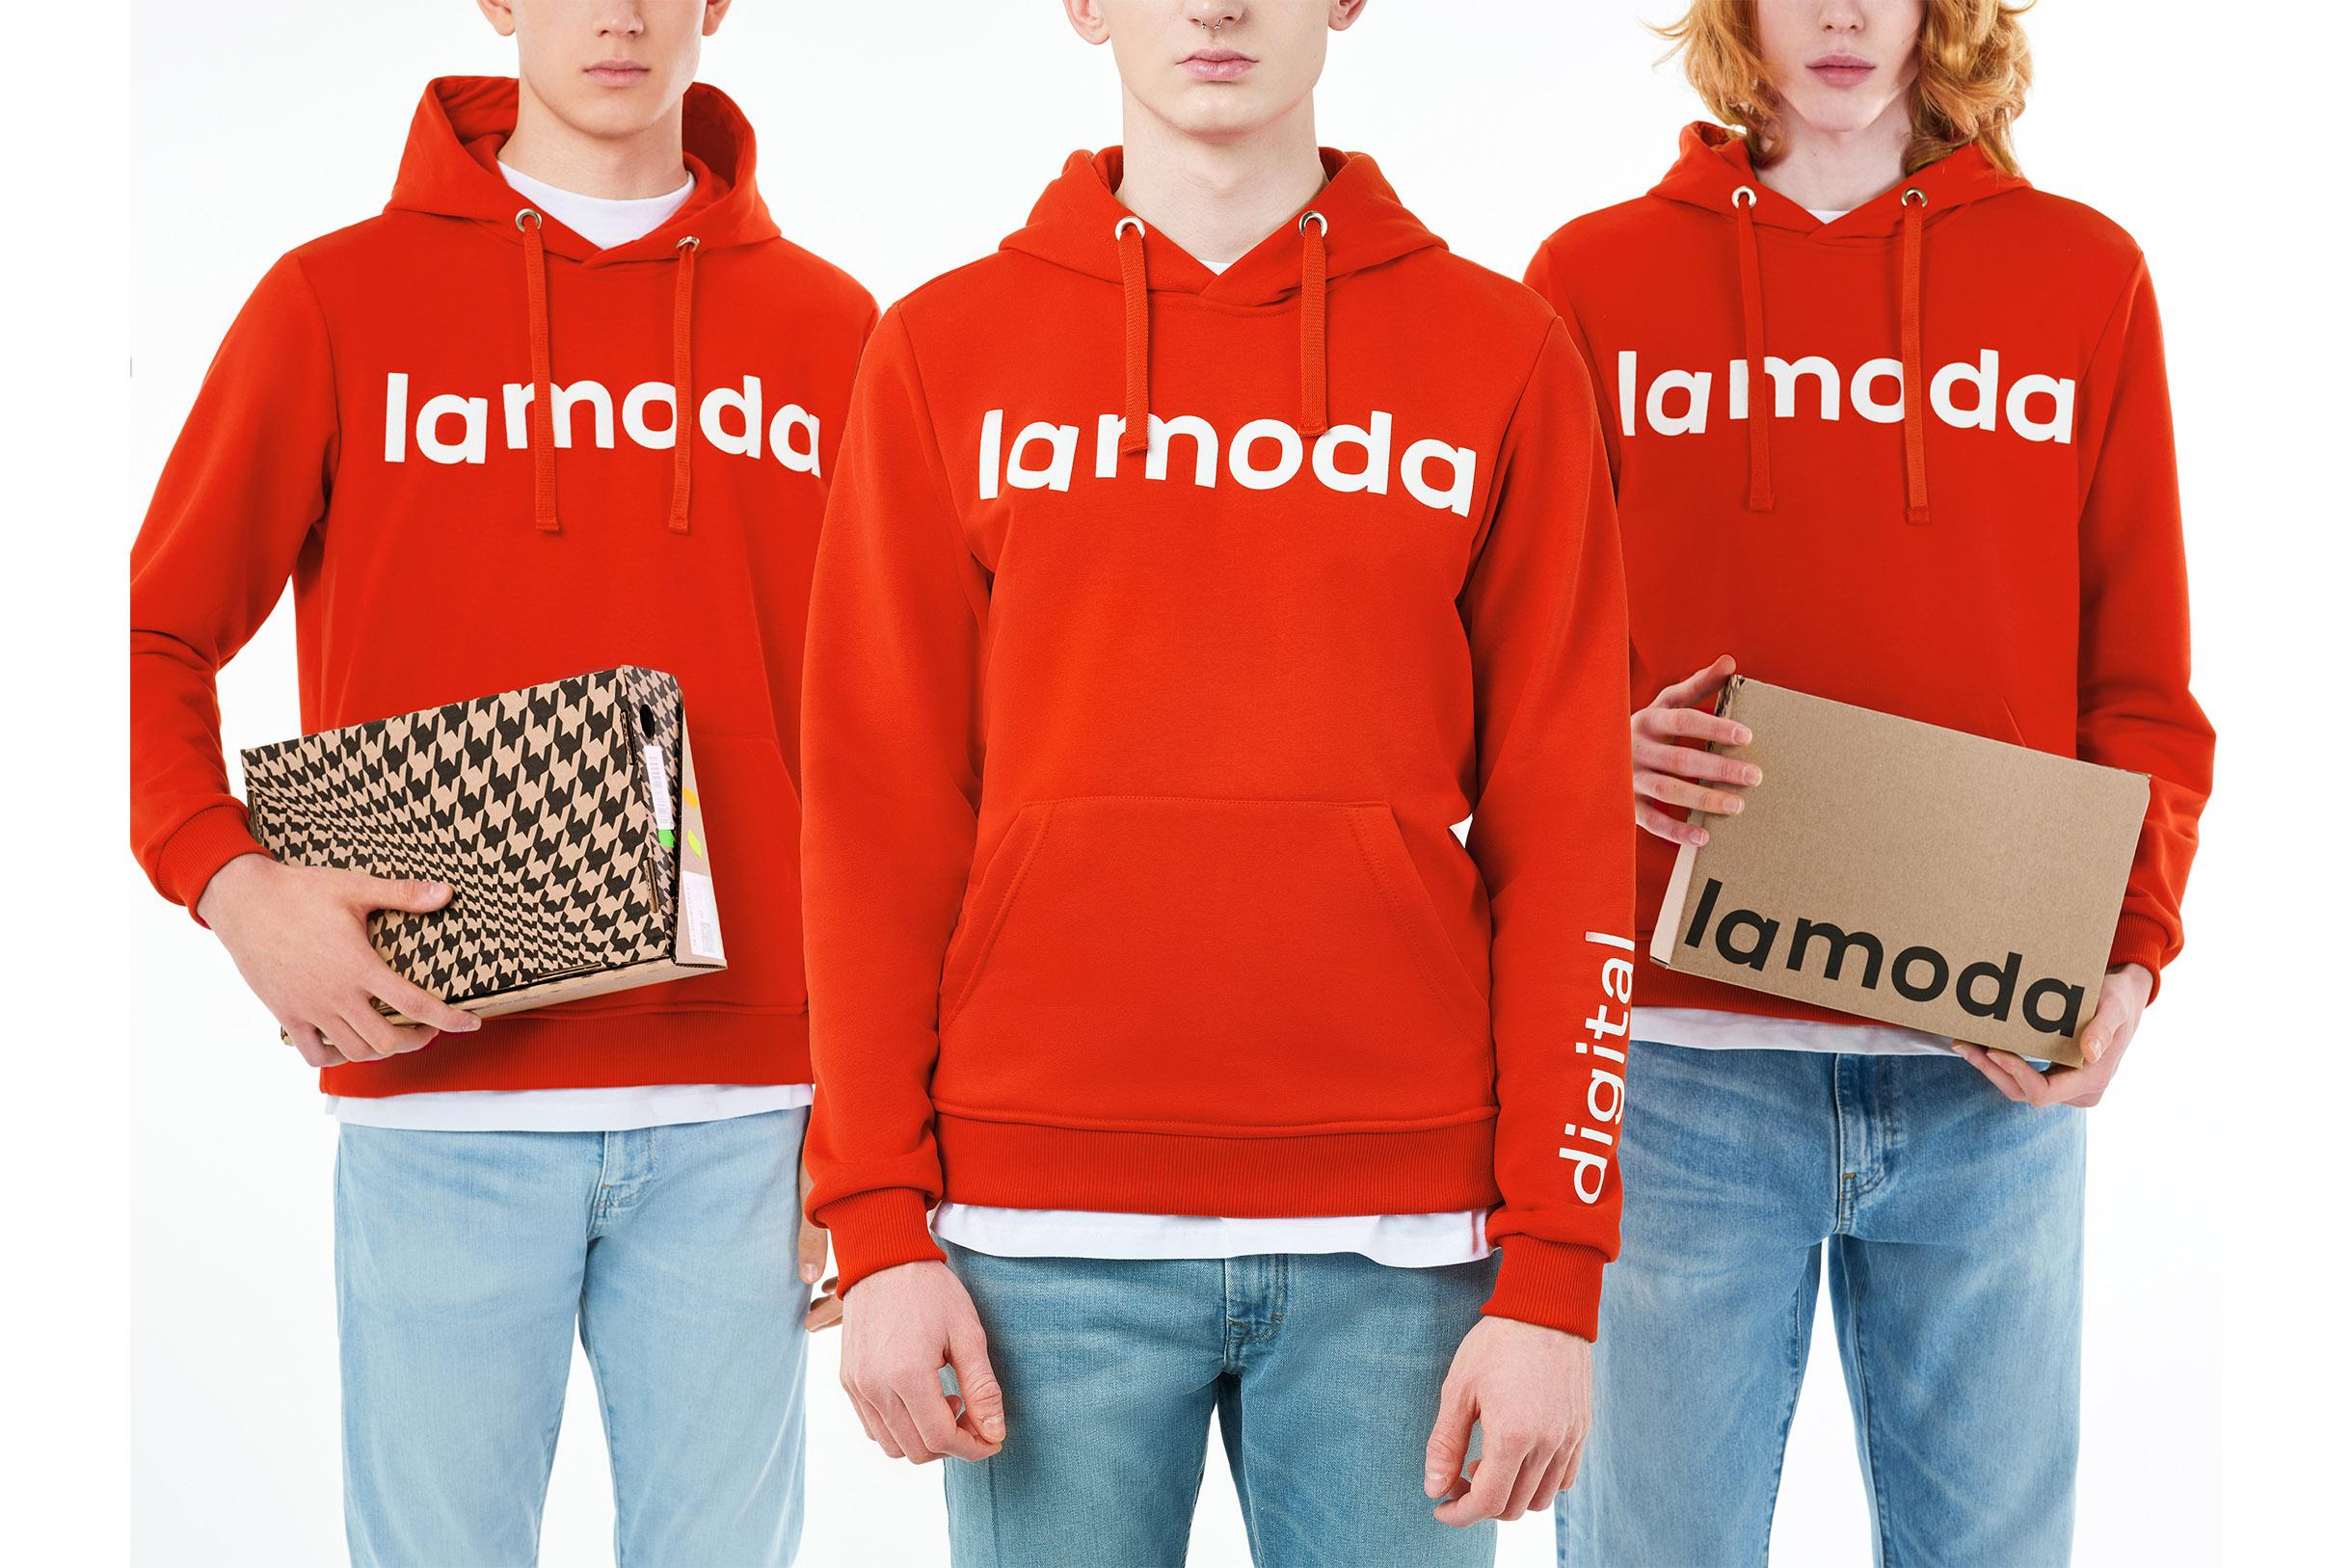 lamoda-adcr_02_15906673015ecfa825ea1e0